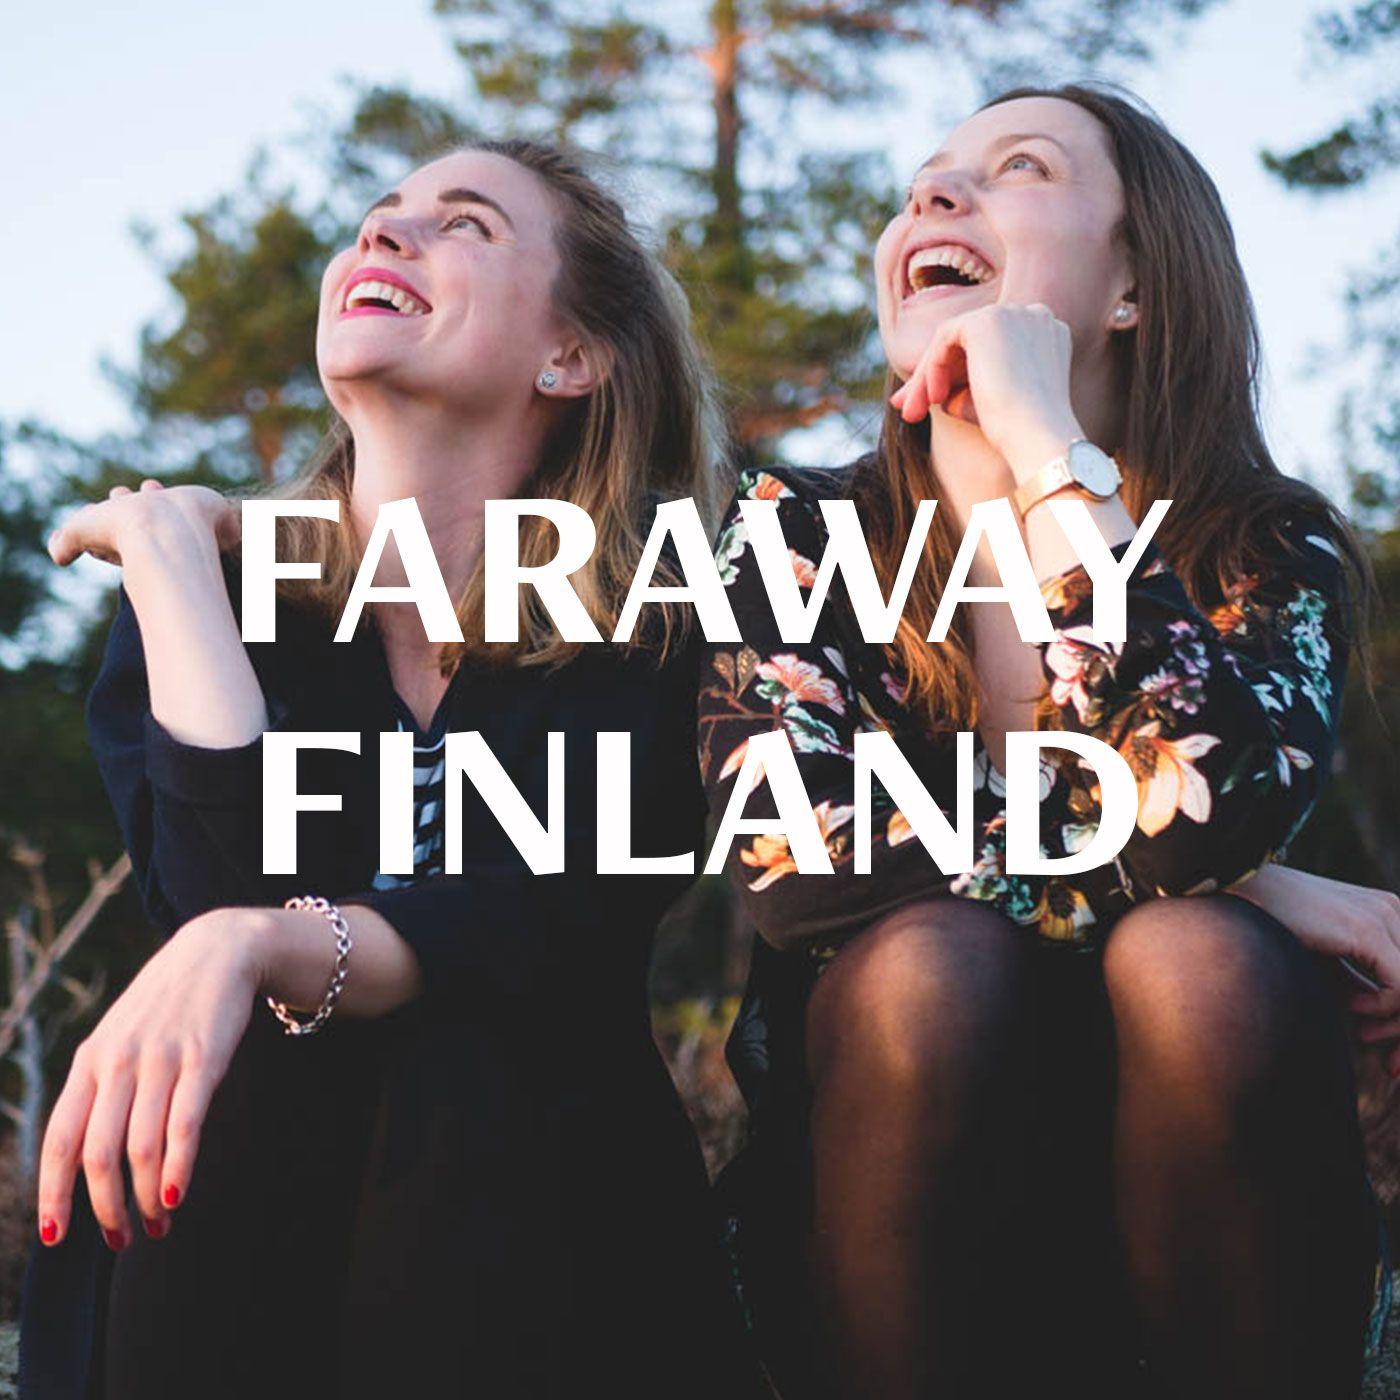 9. Finska stereotyper